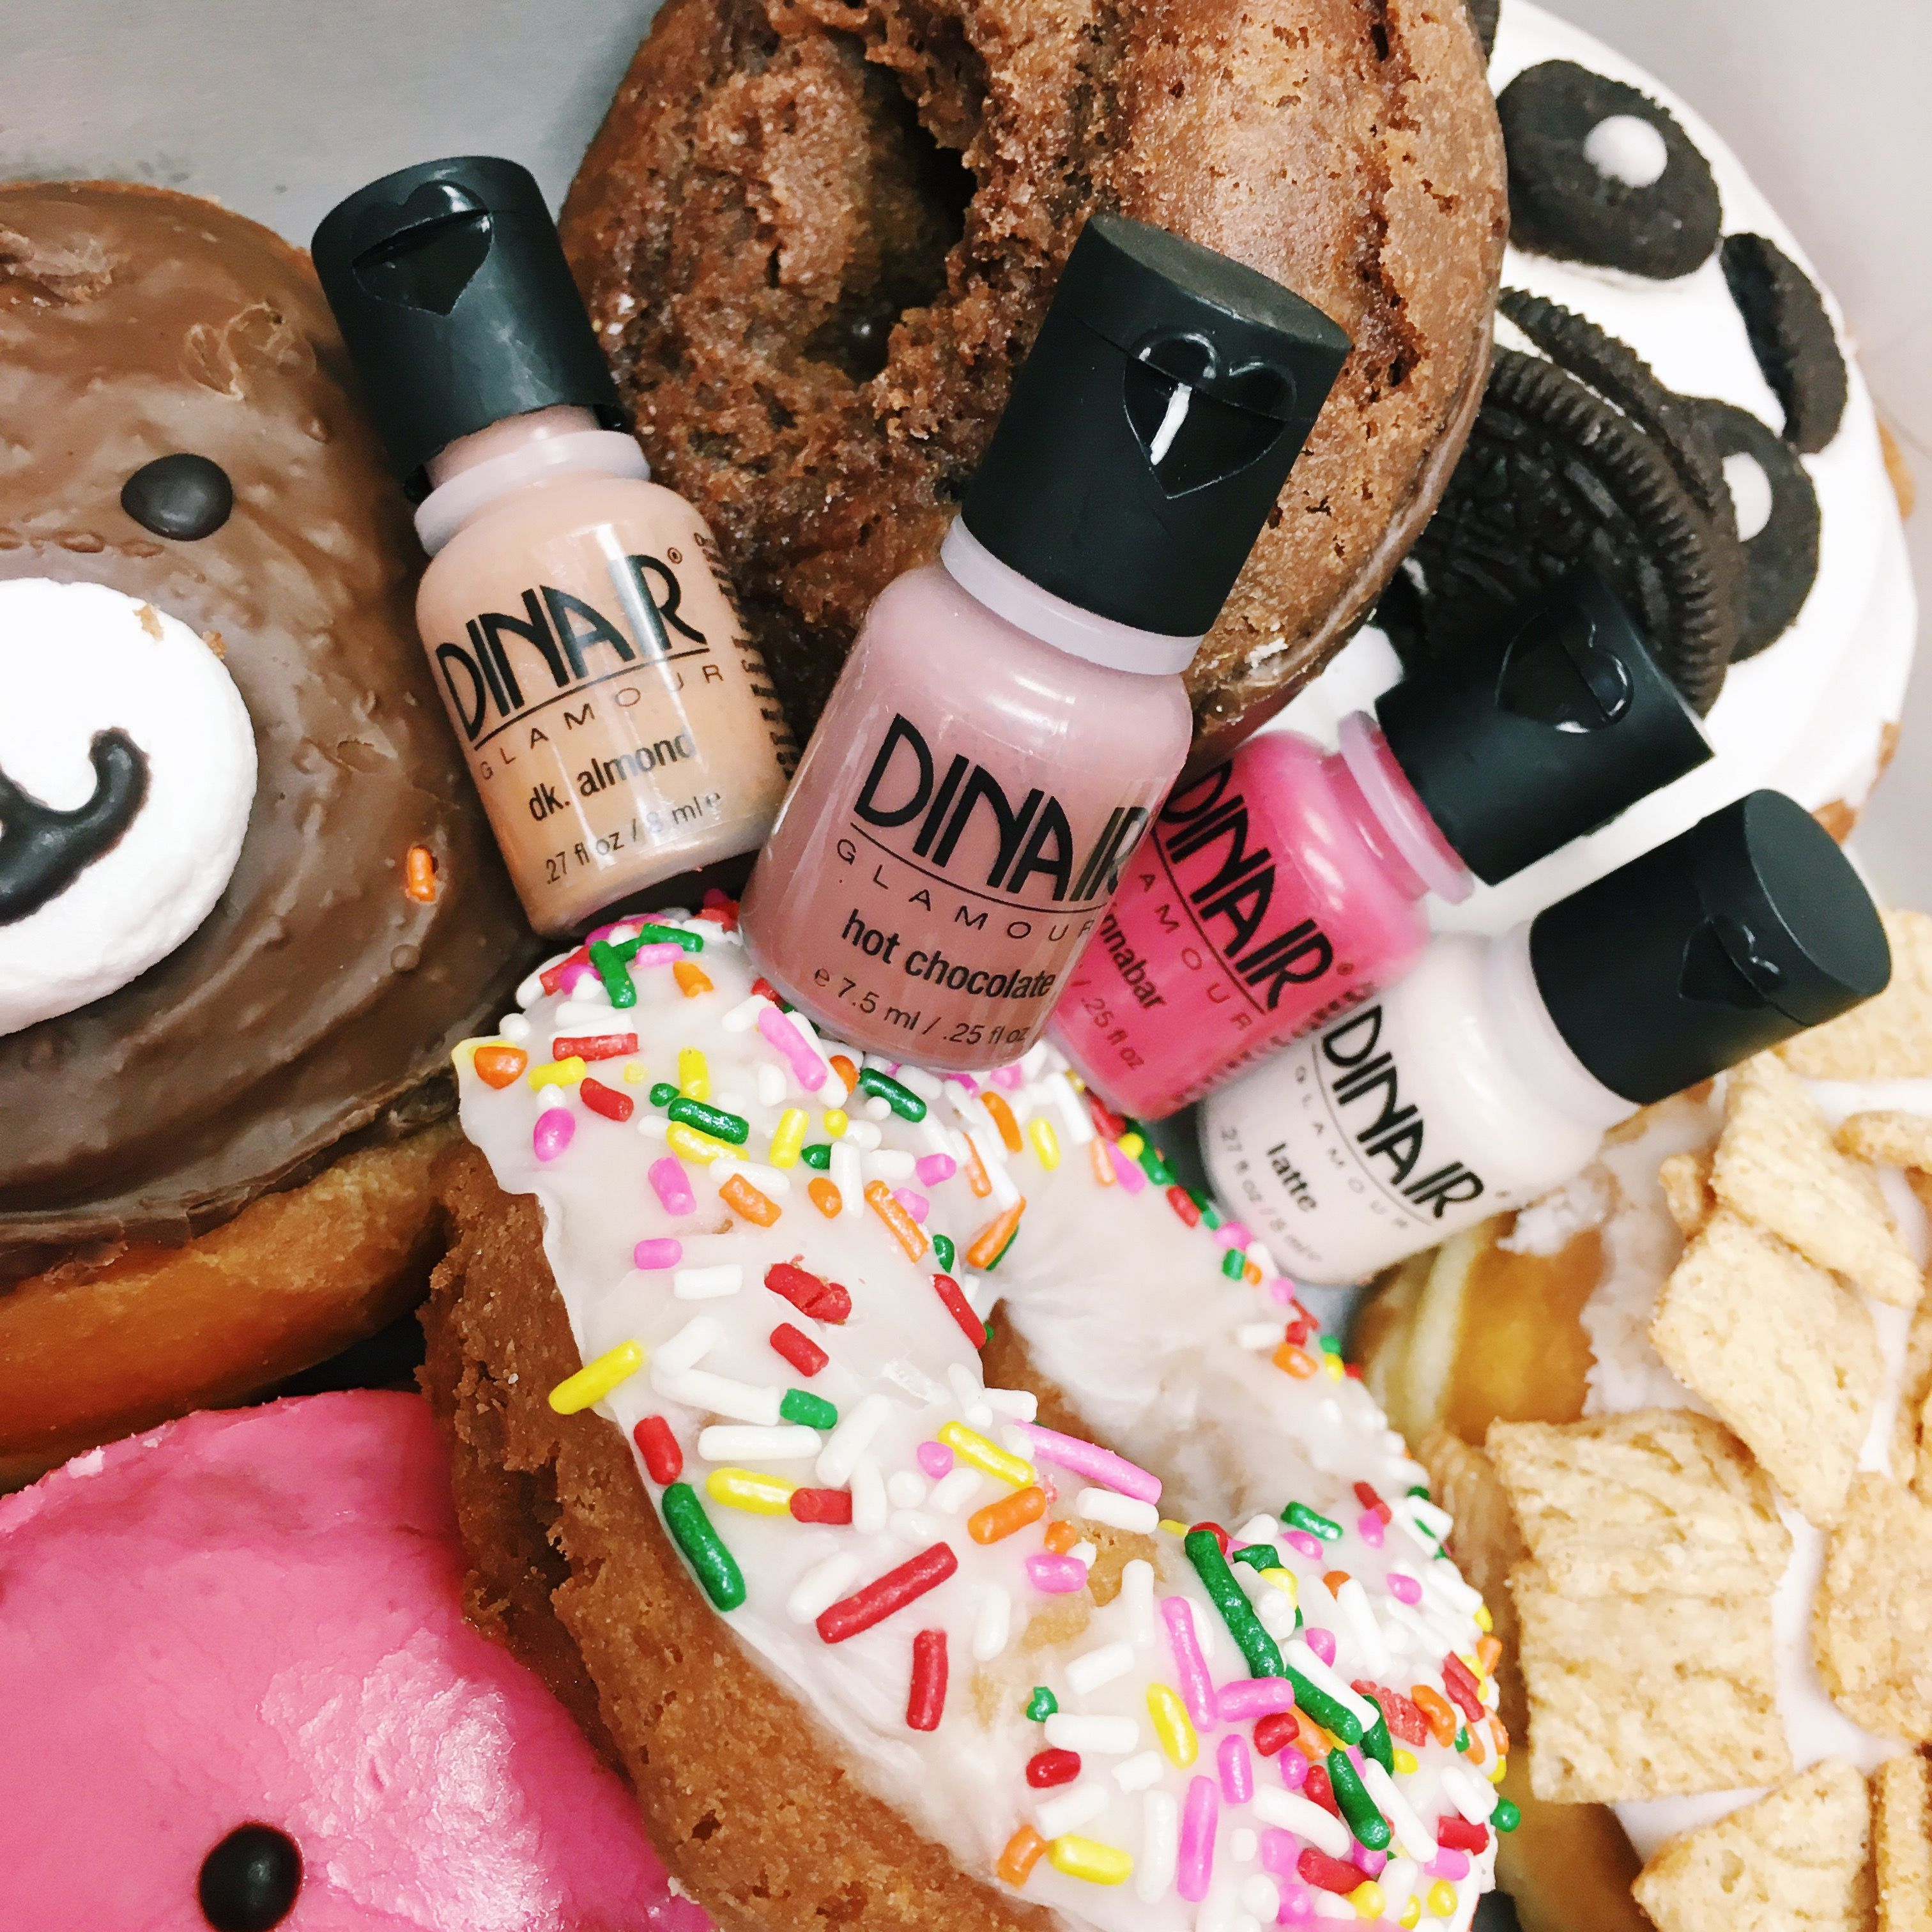 Dinair & Donuts! Airbrush makeup kit, Airbrush makeup